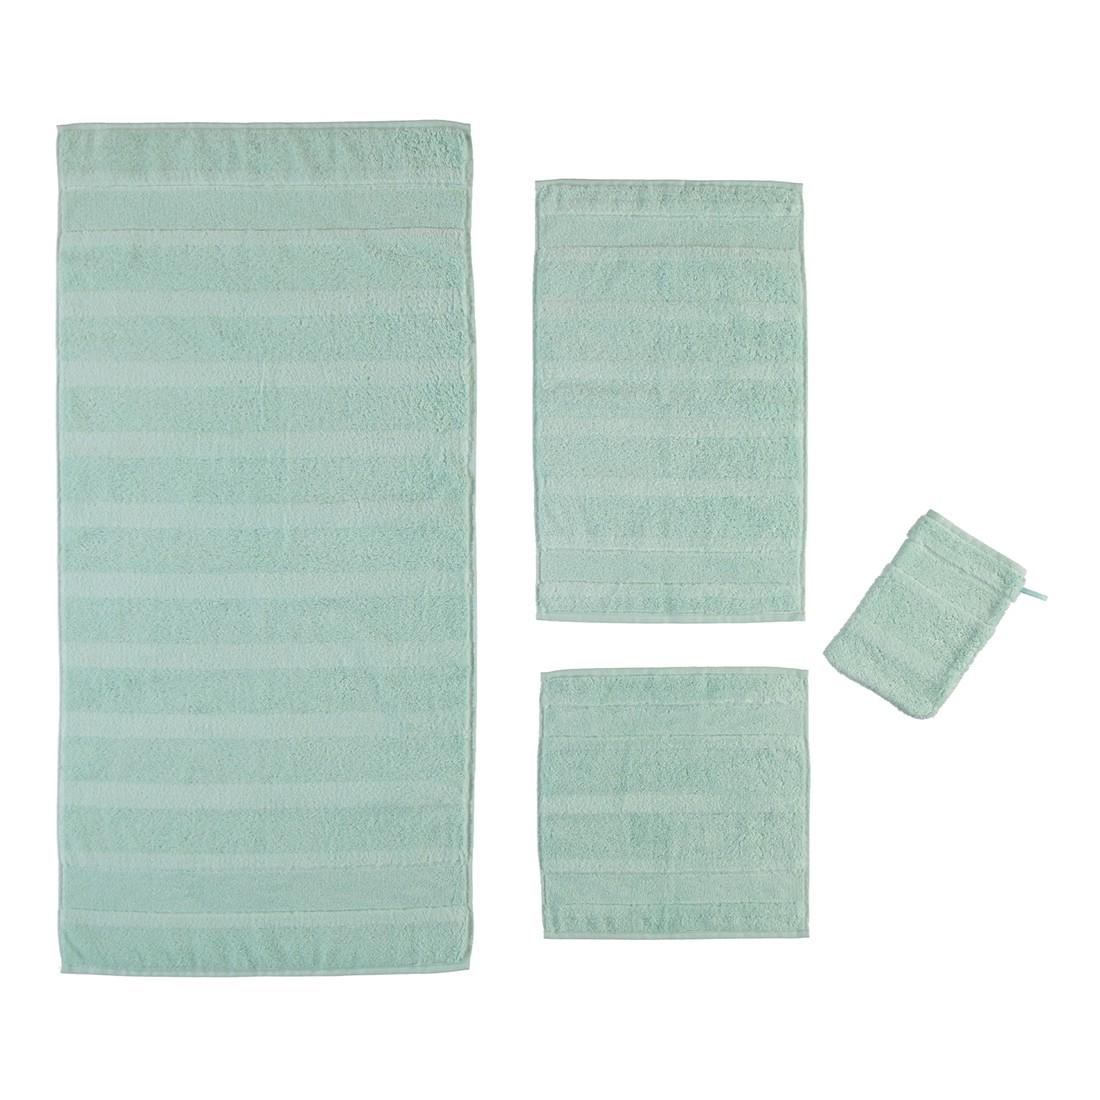 Handtuch Noblesse2 – 100% Baumwolle eisGrün – 411 – Gästetuch: 30 x 50 cm, Cawö jetzt kaufen